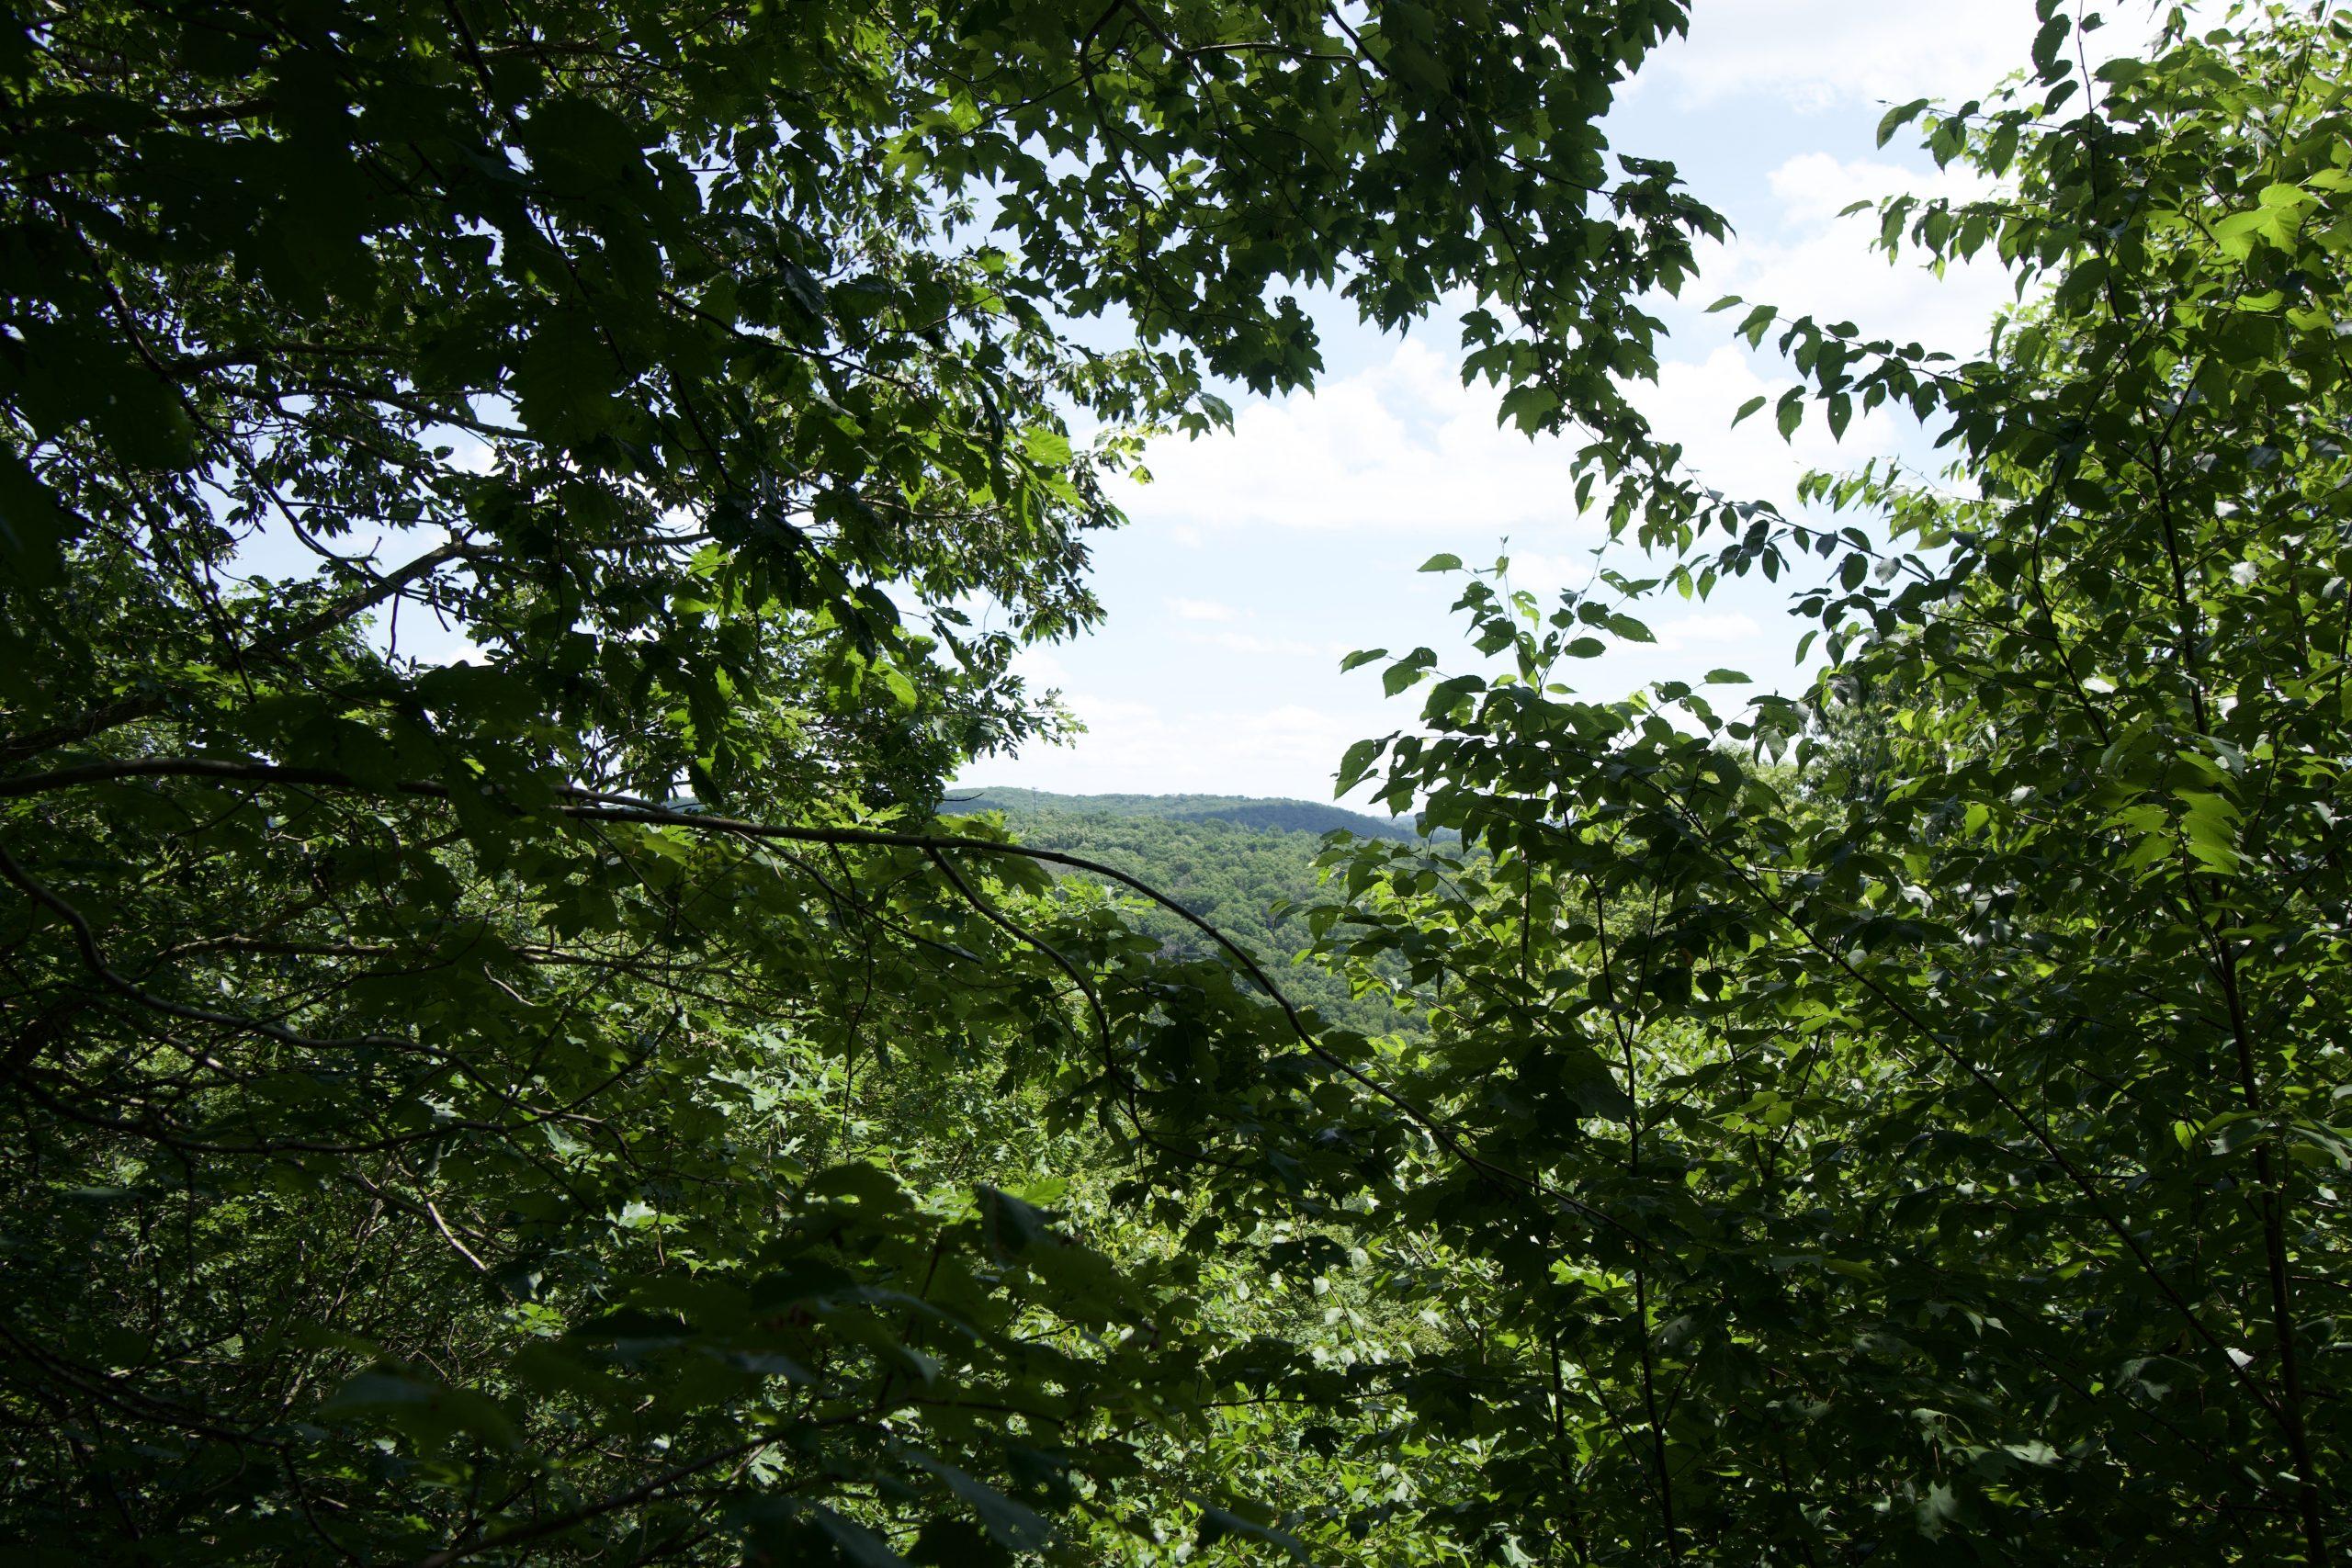 Bent of the River Overlook